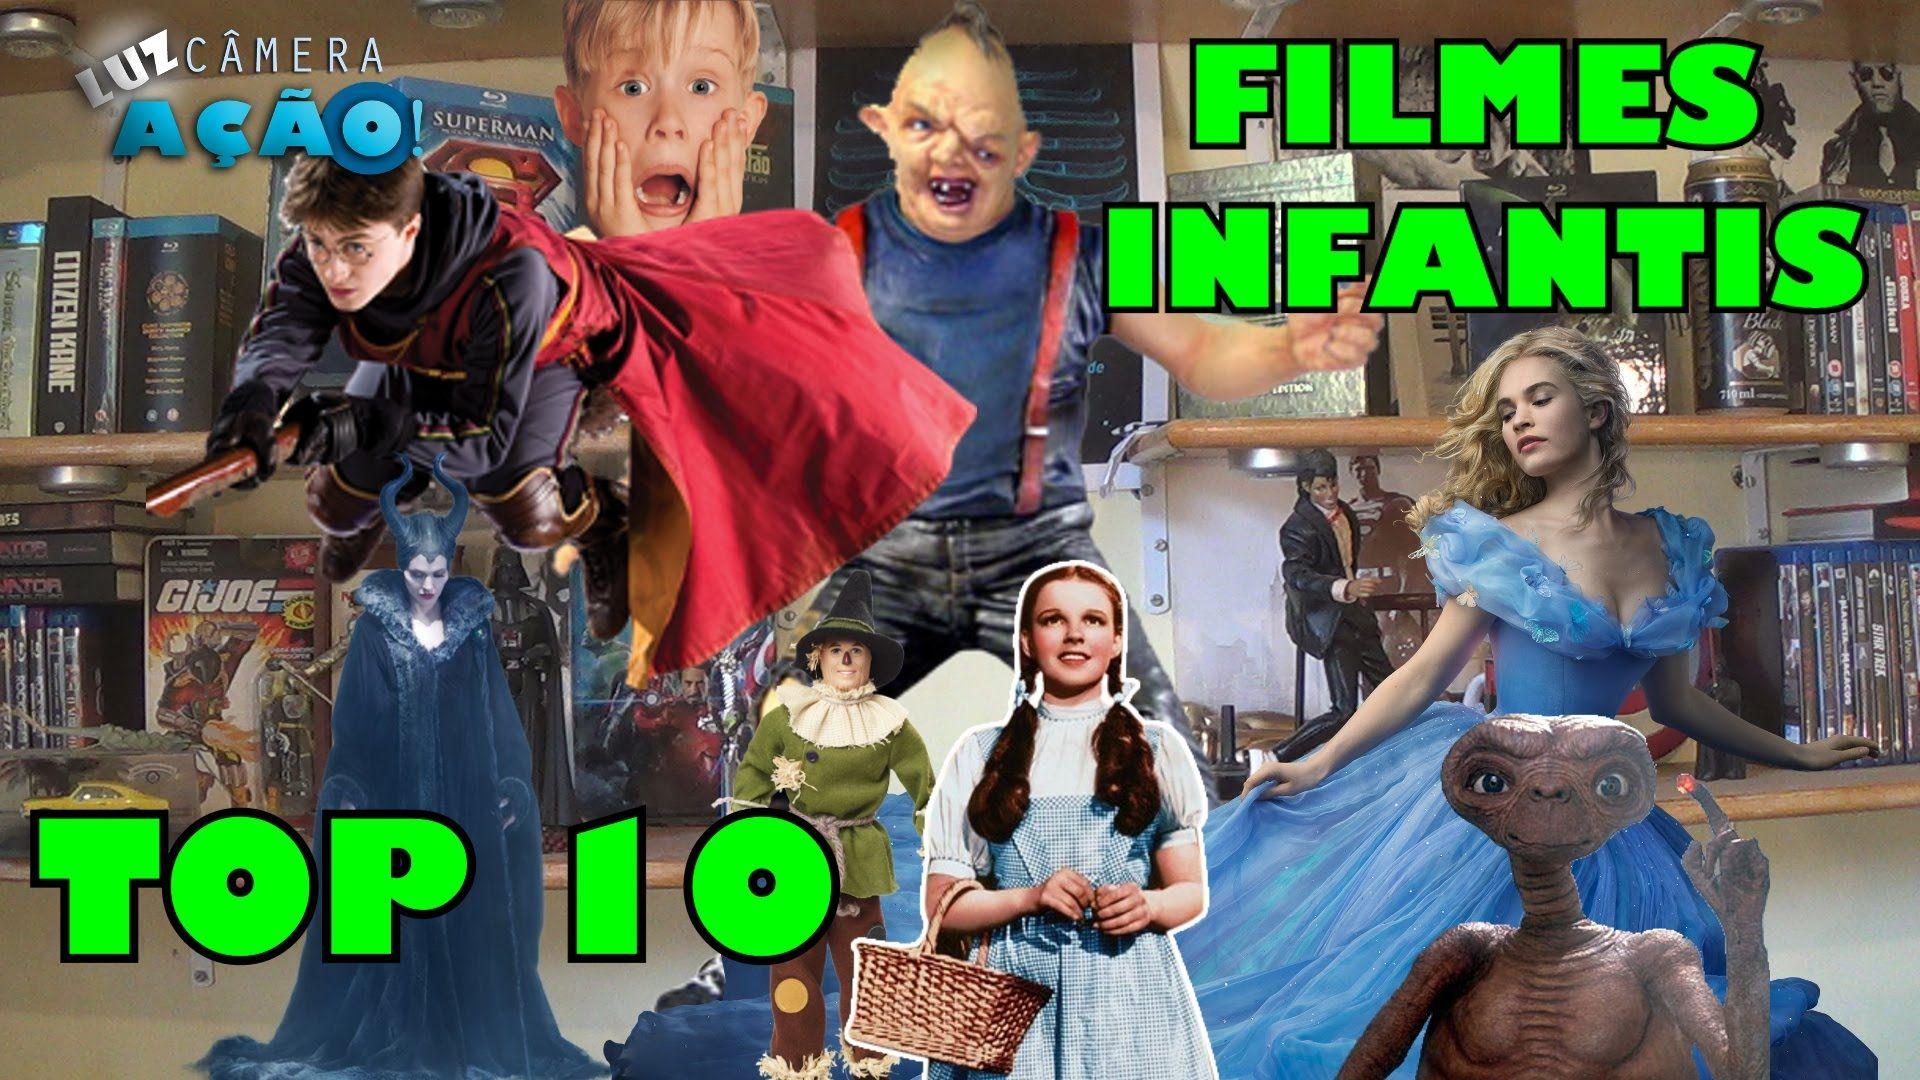 Top 10 - Os melhores filmes infantis